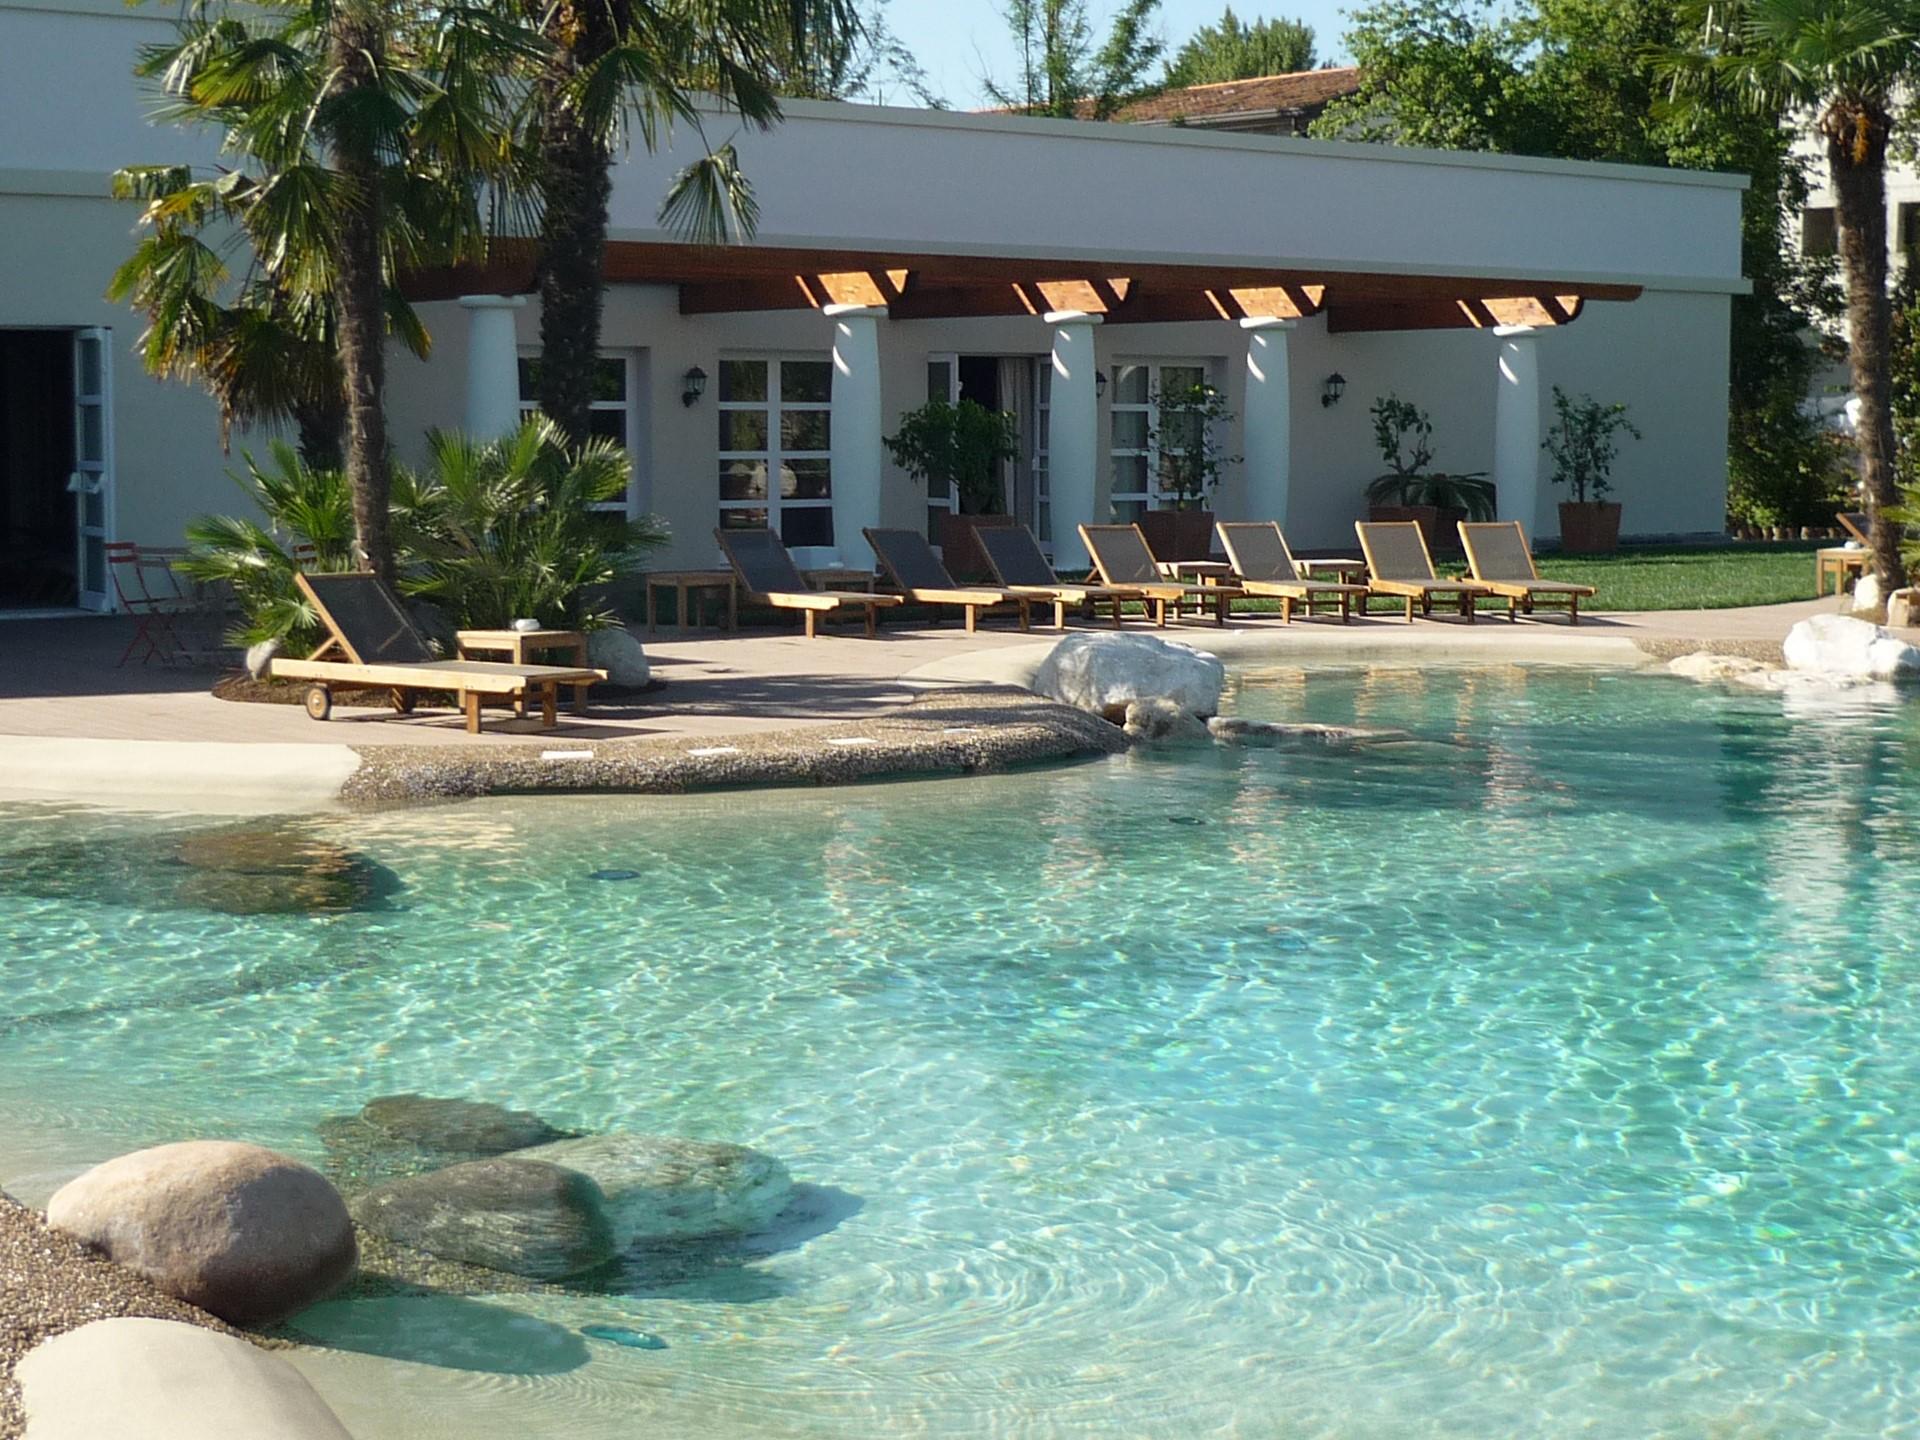 casas con piscinas de arena de playa